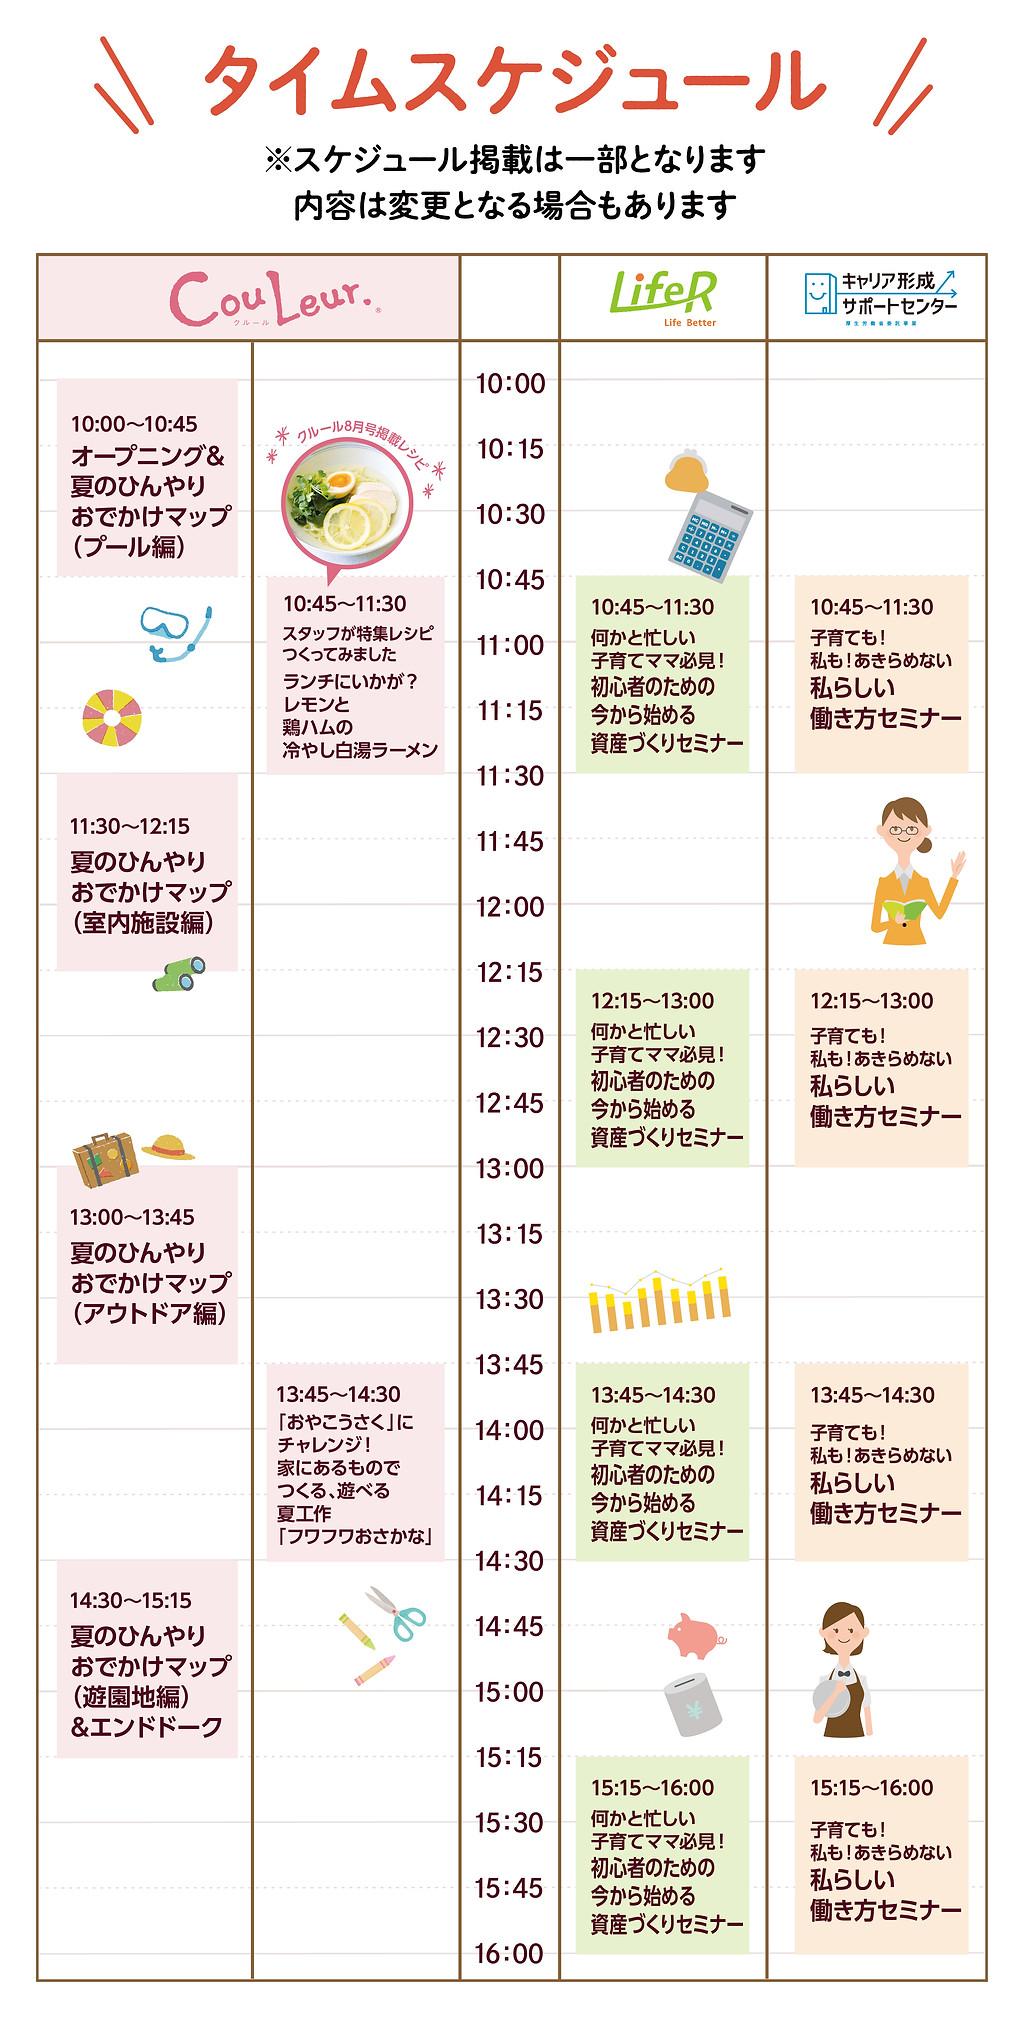 7月スケジュール告知用-01.jpg